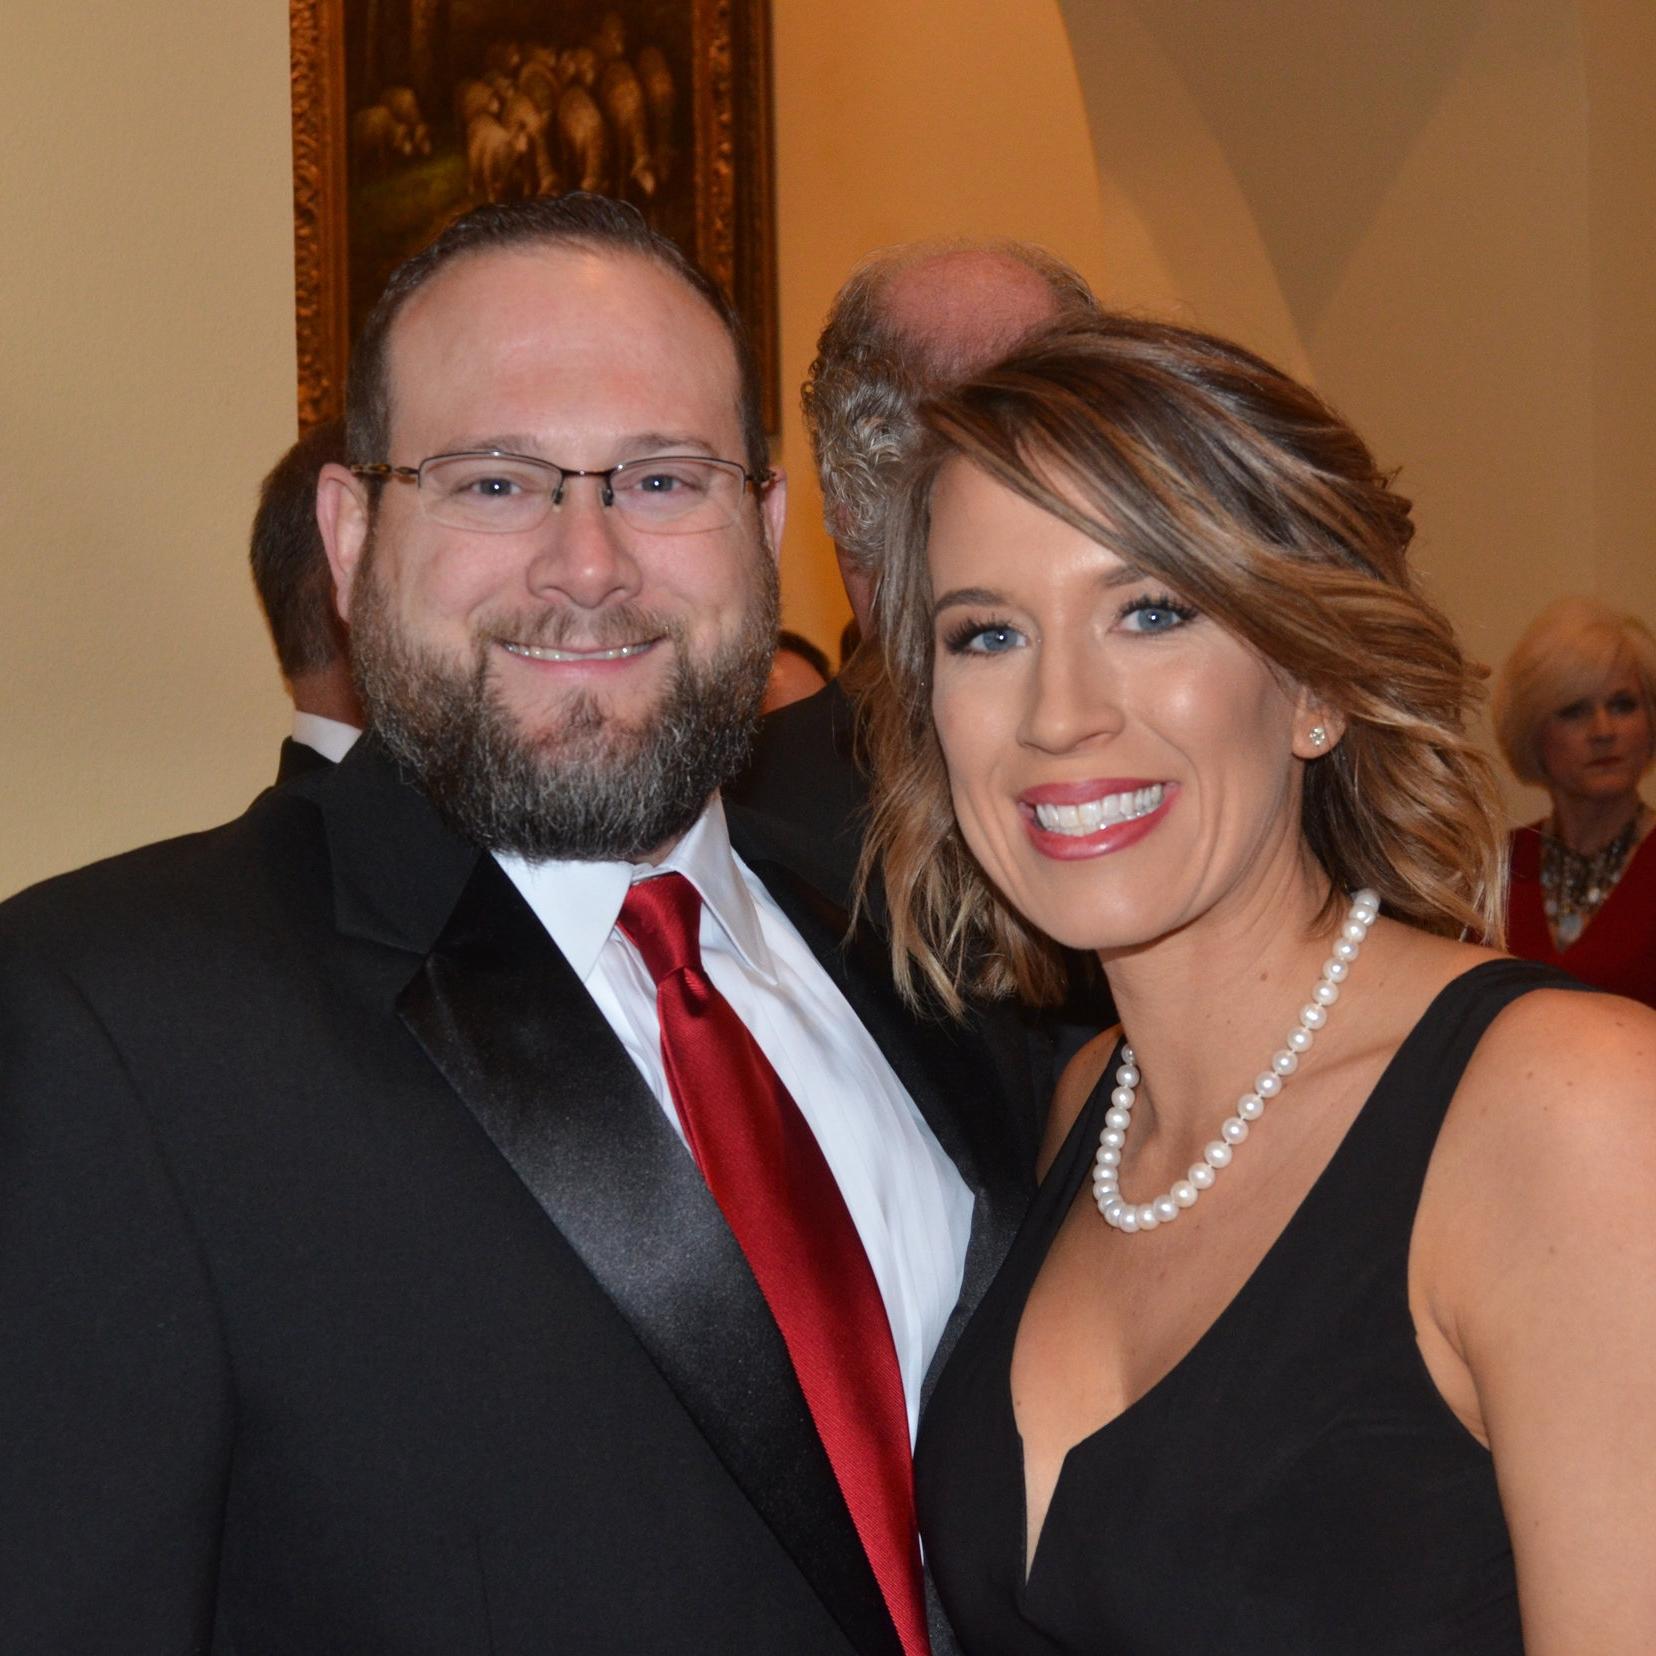 Dr. Jason and Samantha Harris